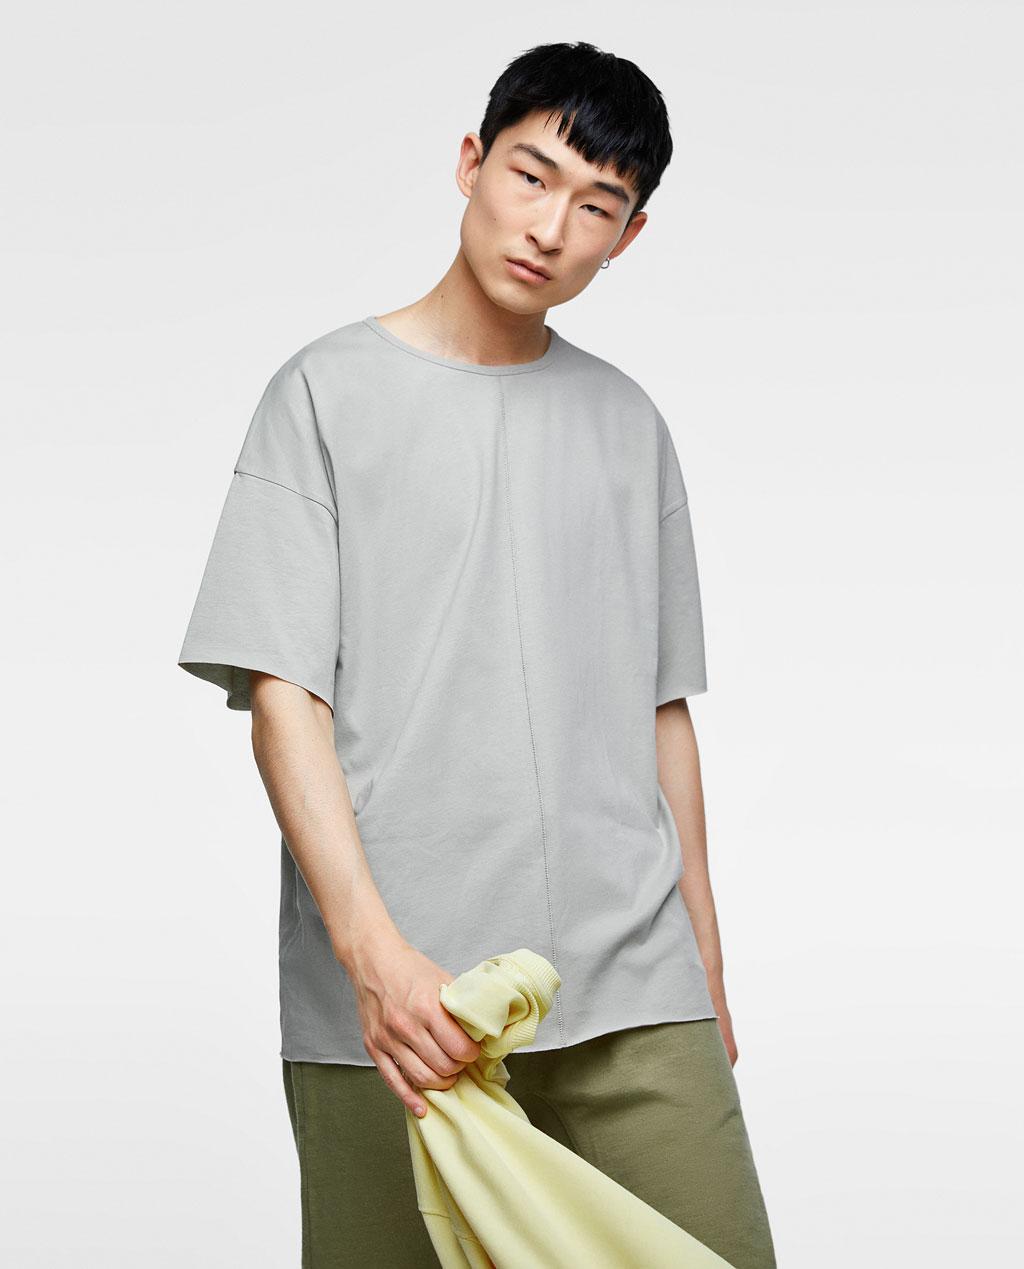 Thời trang nam Zara  24046 - ảnh 5